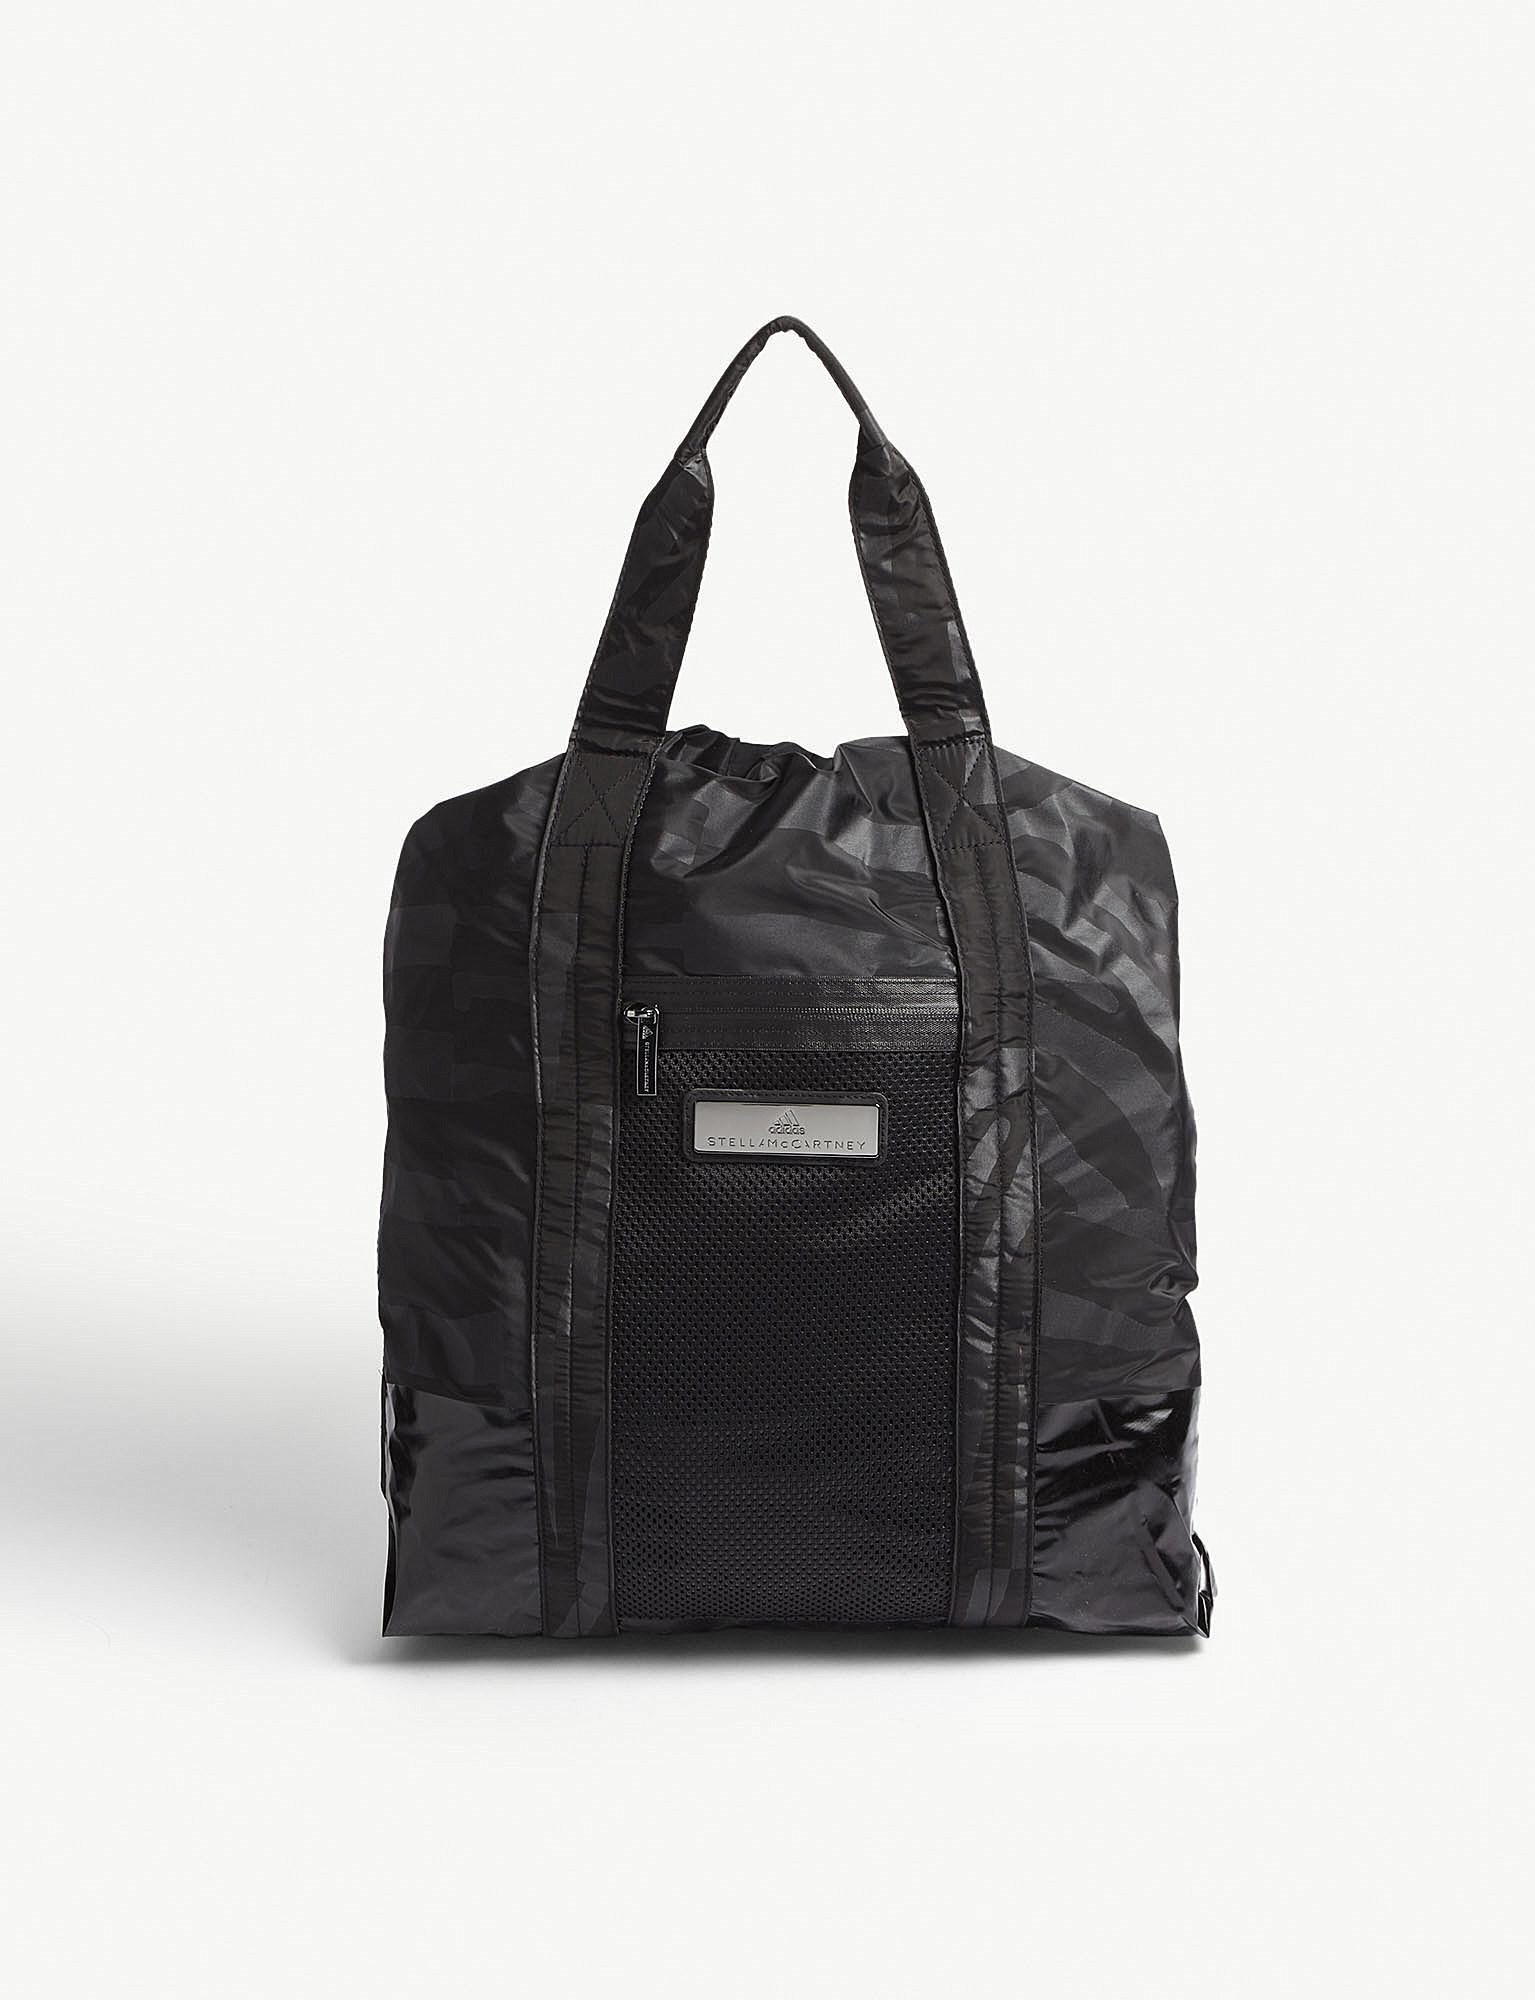 93c6e8a8cd Lyst - adidas By Stella McCartney Zebra Striped Nylon Gym Bag in Black